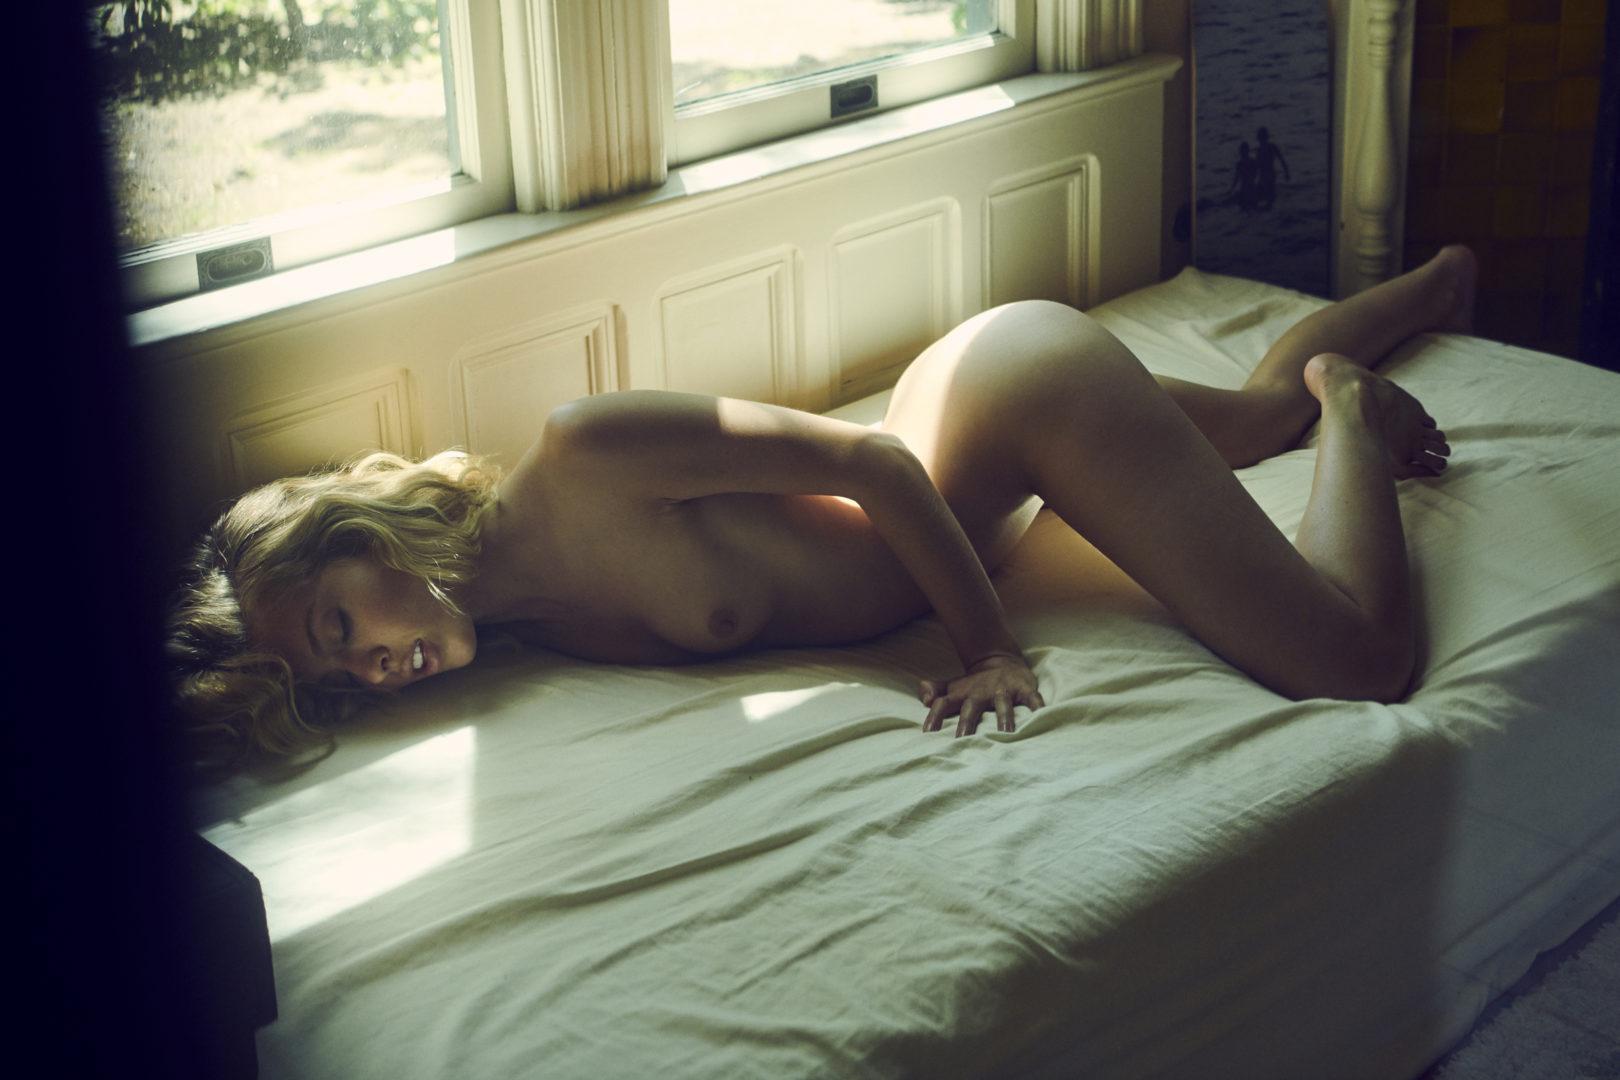 naked girl in house